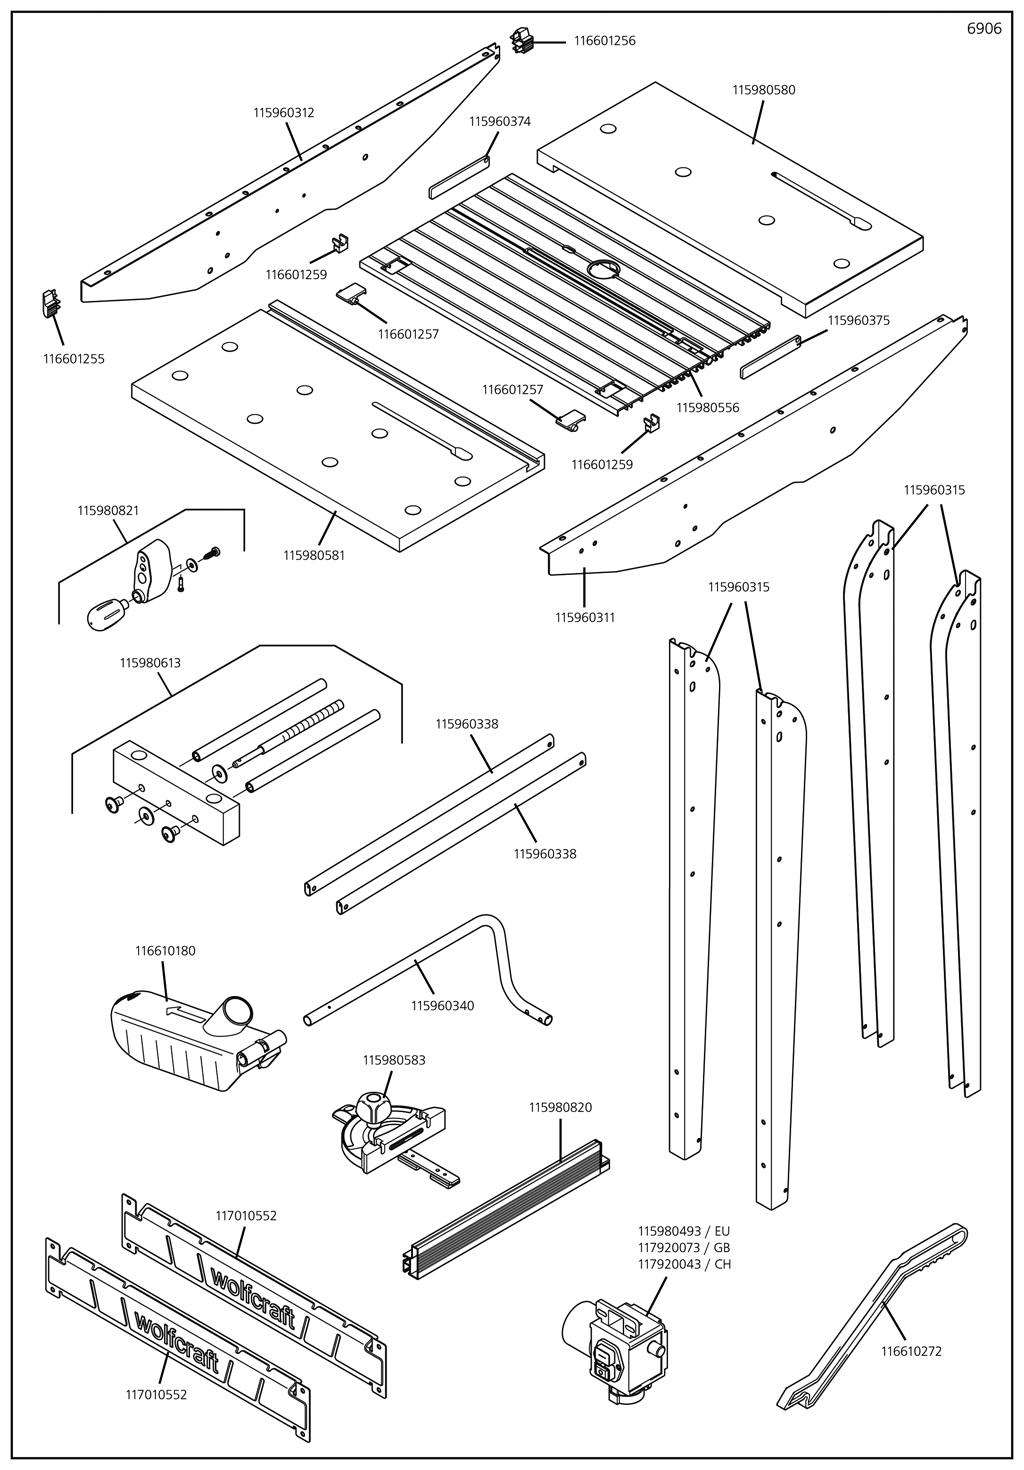 Náhradný diel Stroj deska 6906(115980556) pro Pracovní stůl Master cut 1500 Wolfcraft 6906000